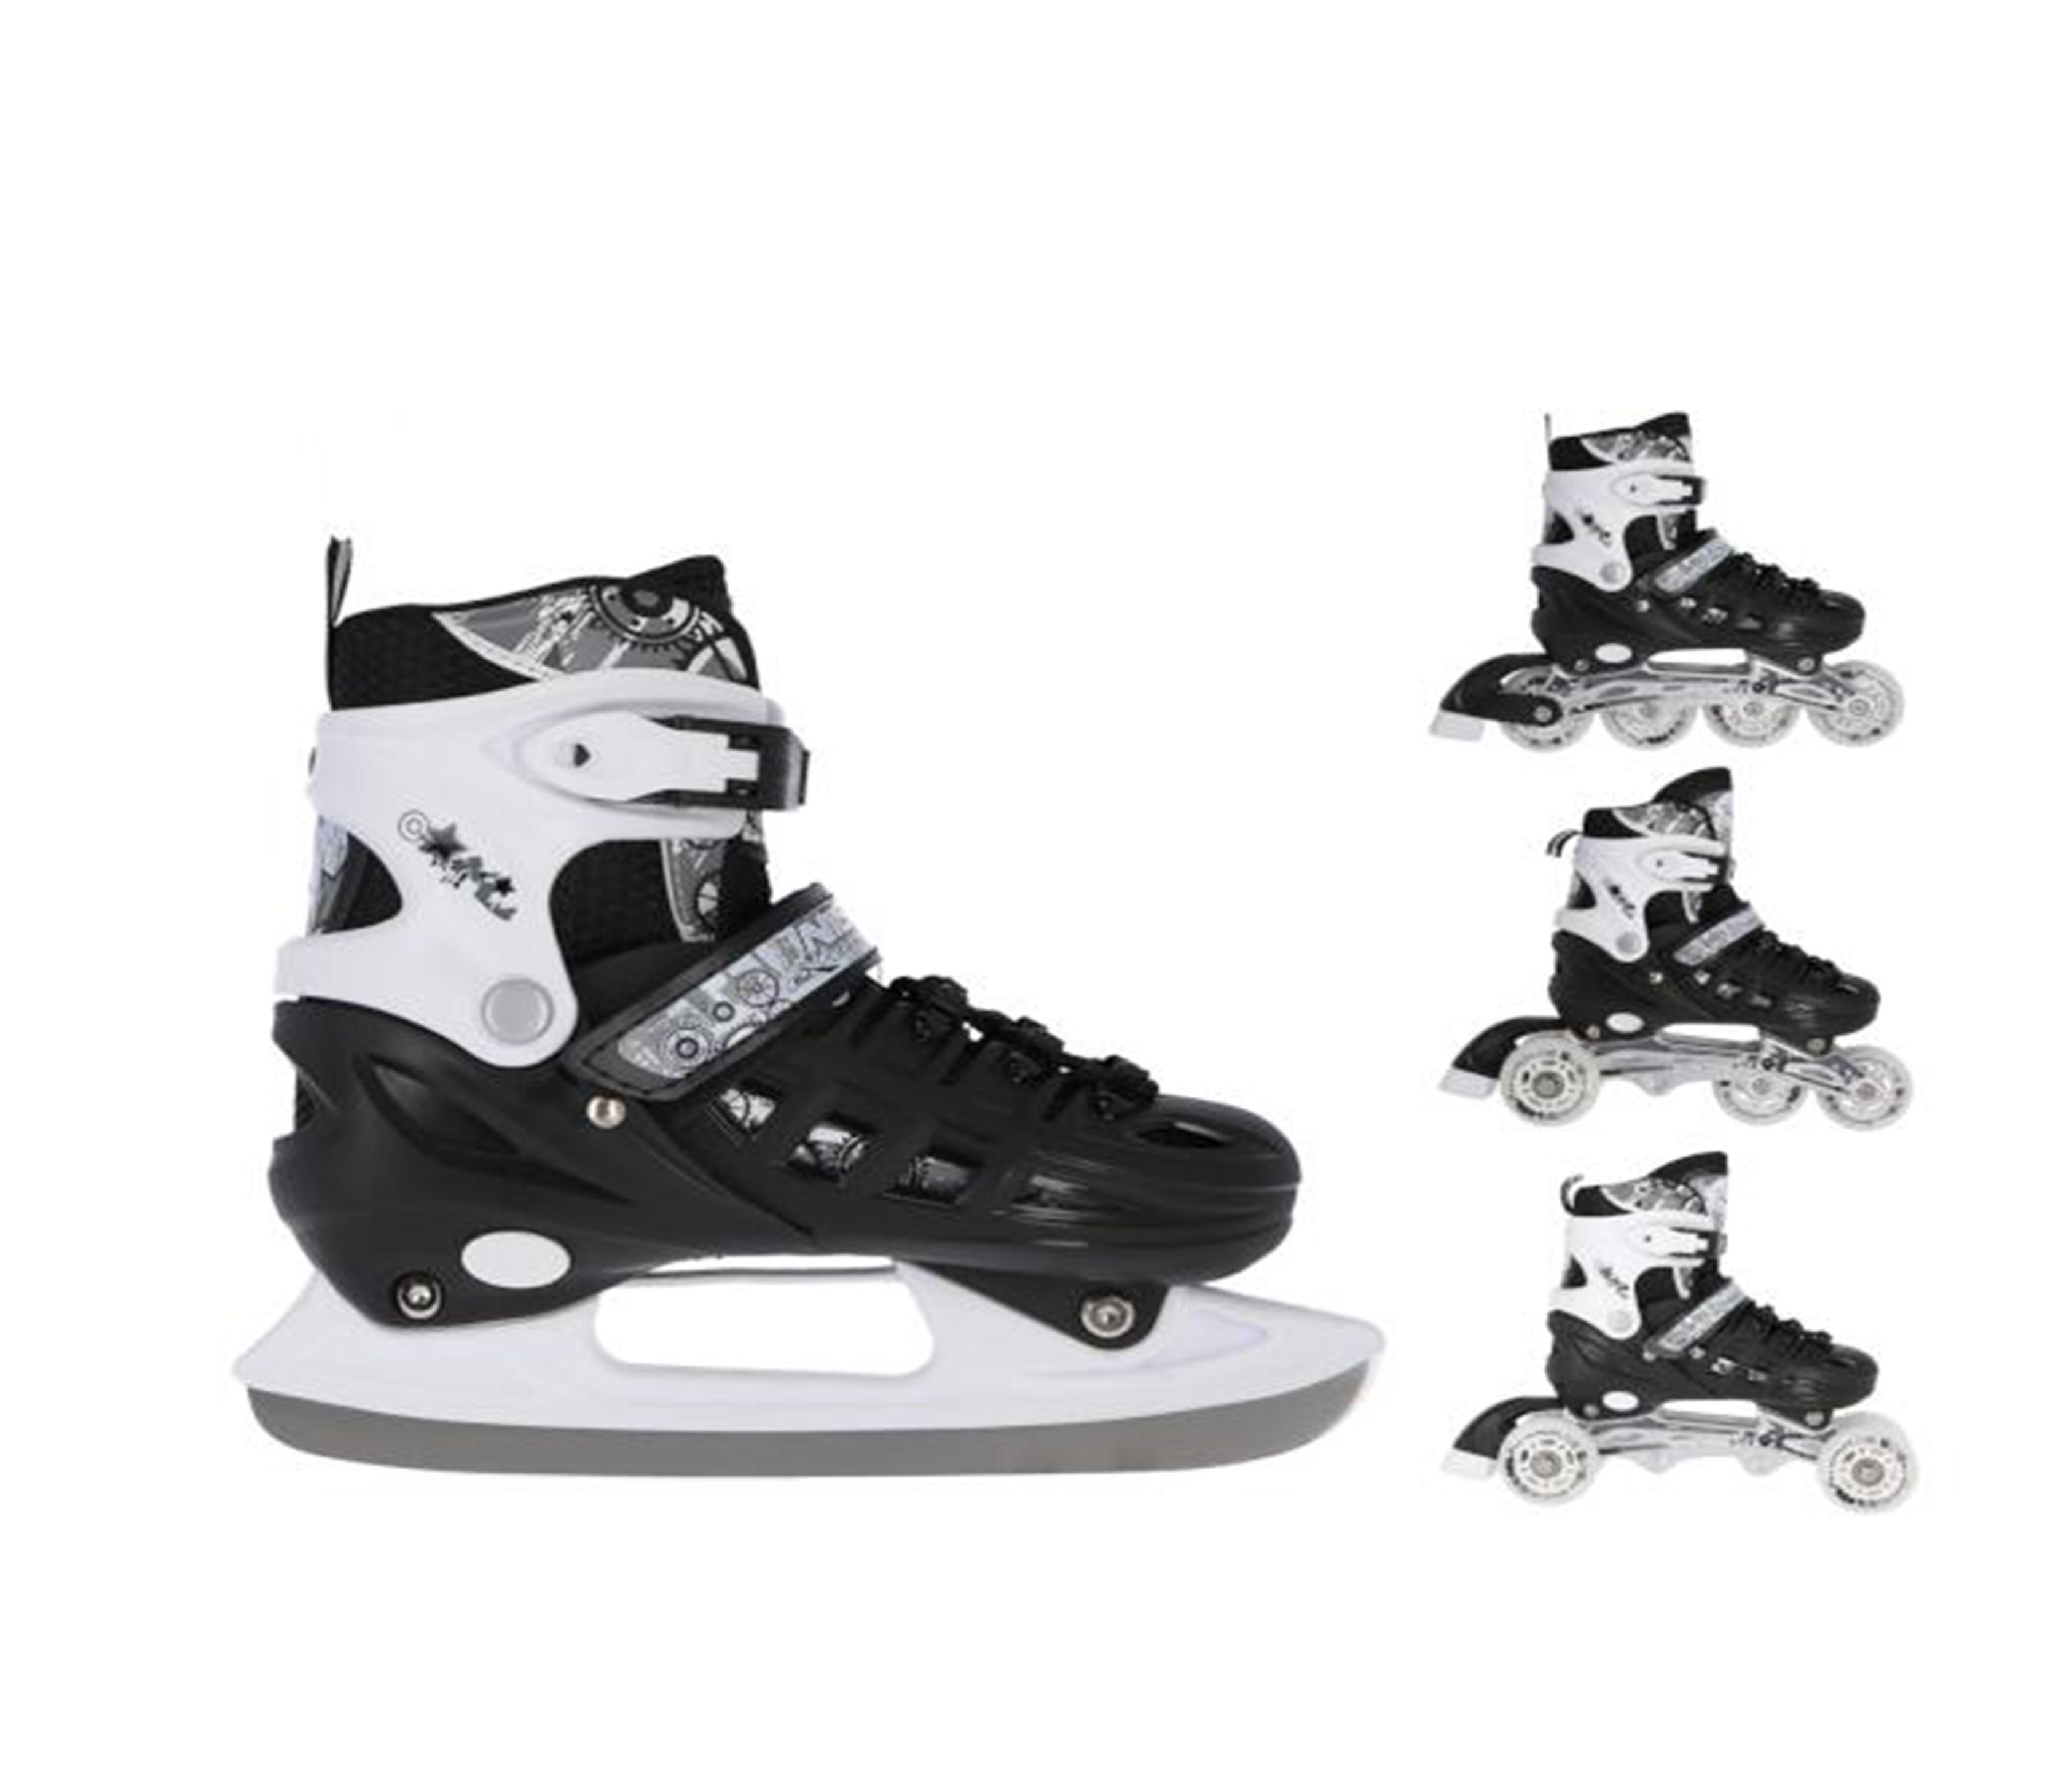 Nils Extreme Detské korčule 4v1 NH10905 Black